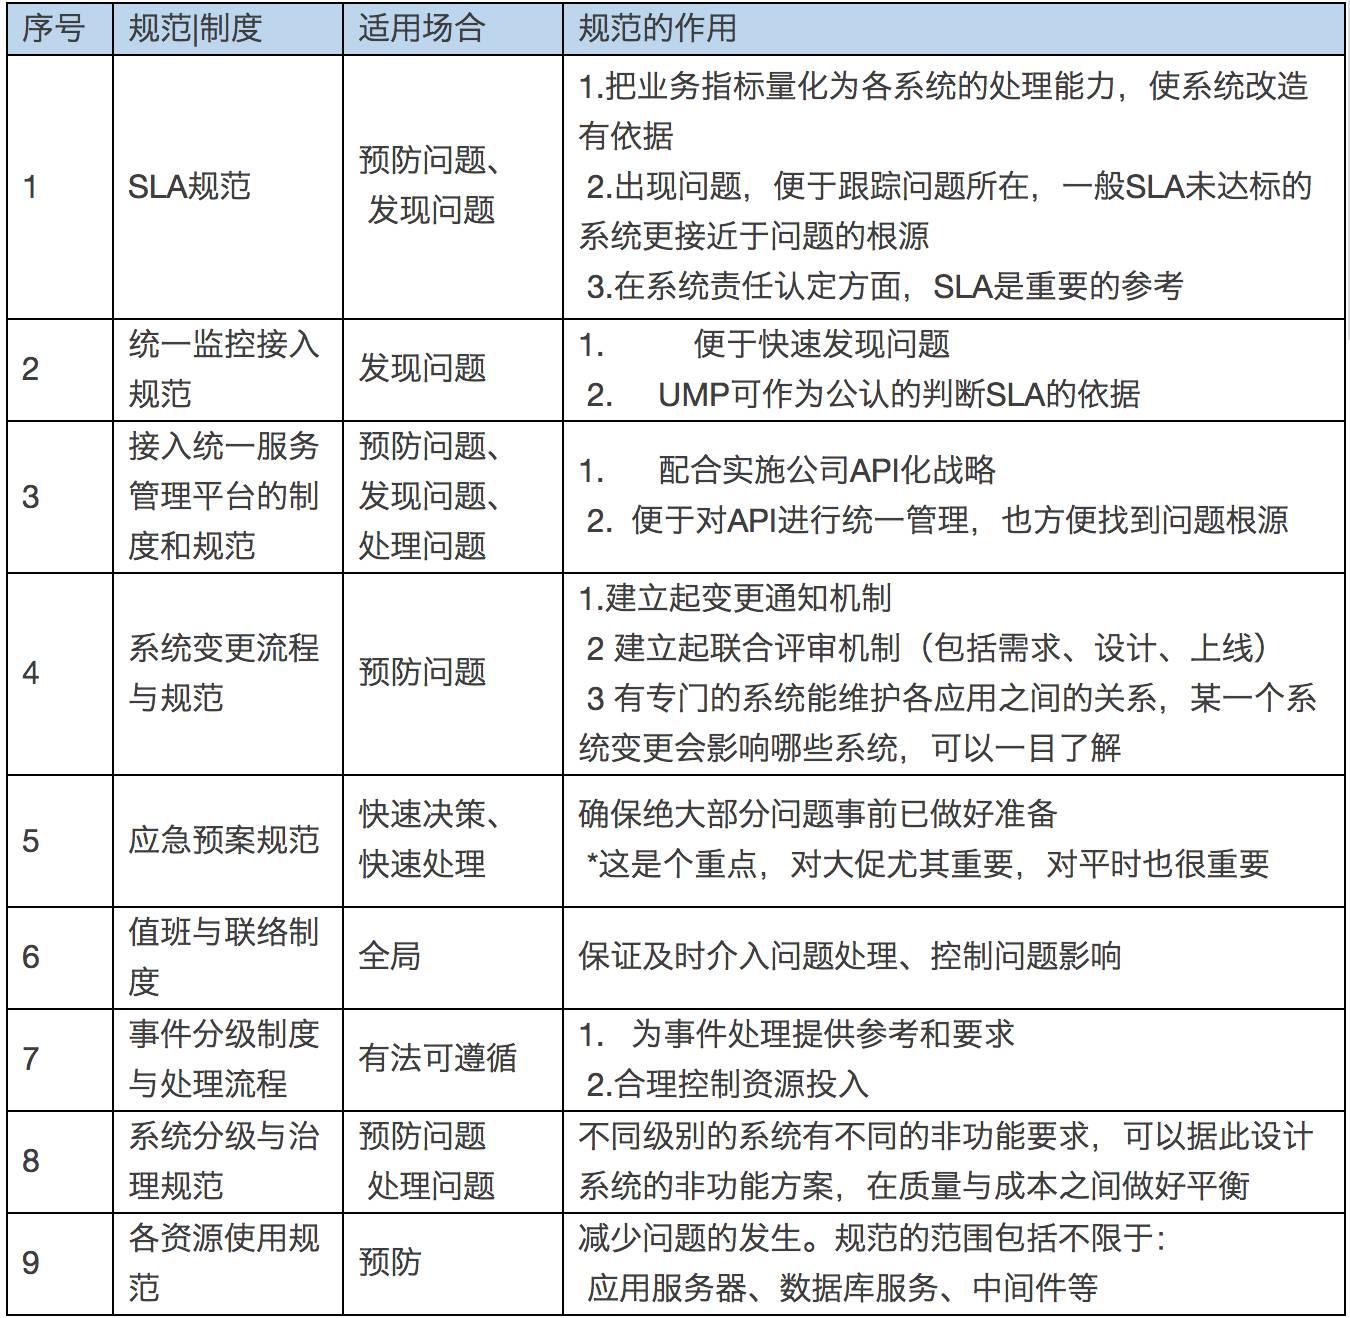 京东大促备战思路2.0大揭秘插图(14)